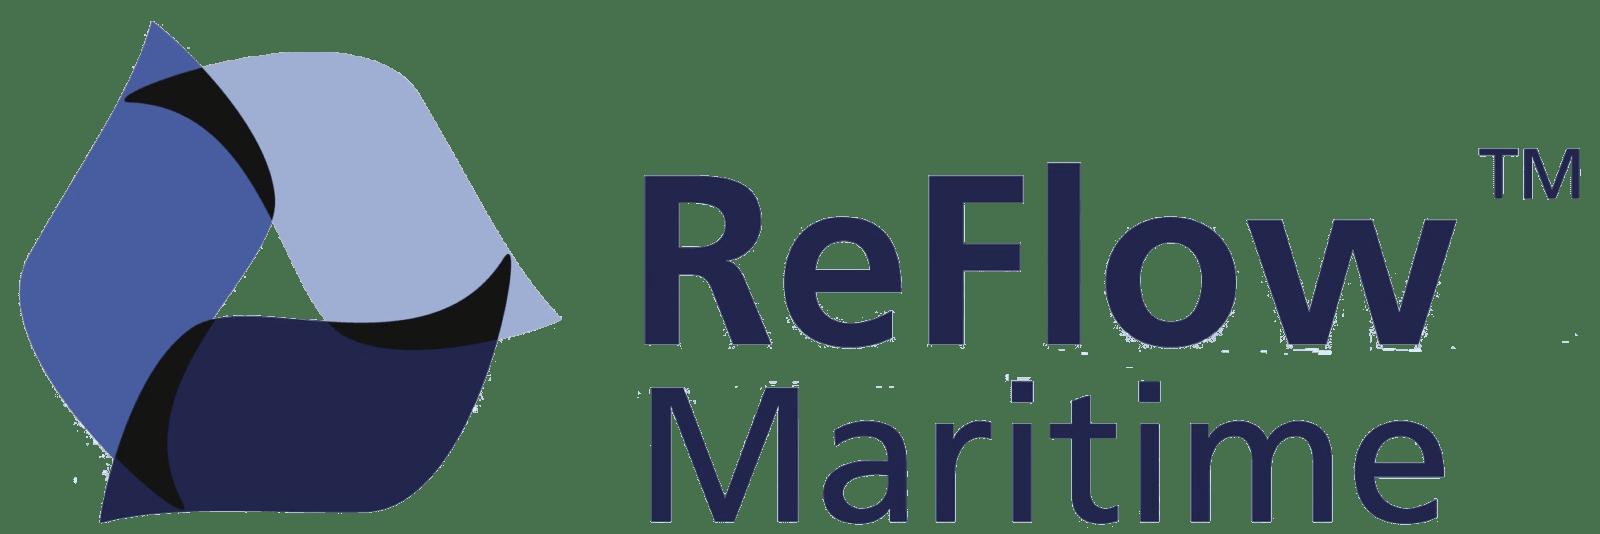 reflow logo 1 e1552475495616